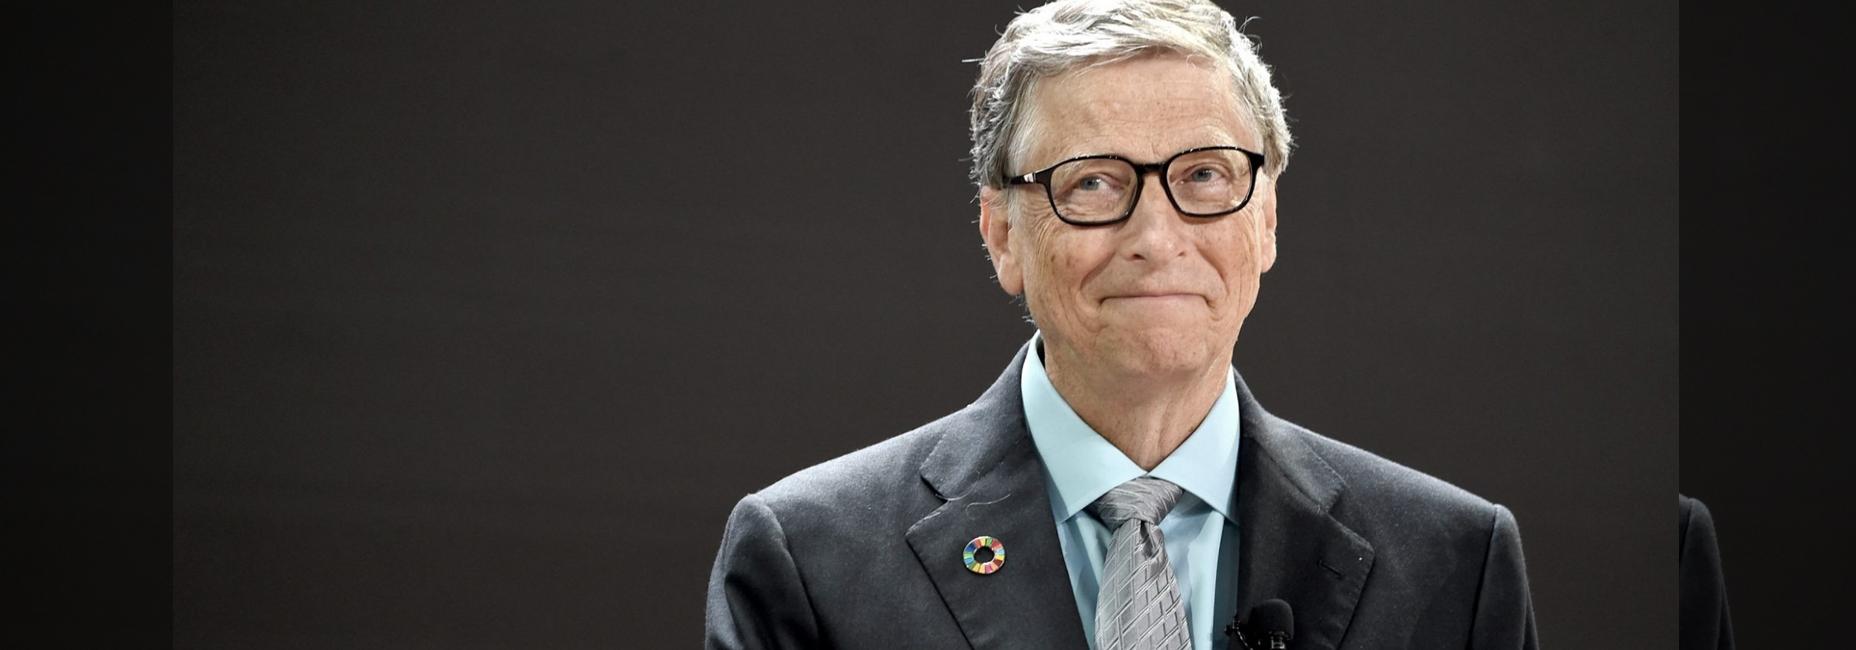 Bill Gates sigue bajando en la lista de las personas más ricas del mundo